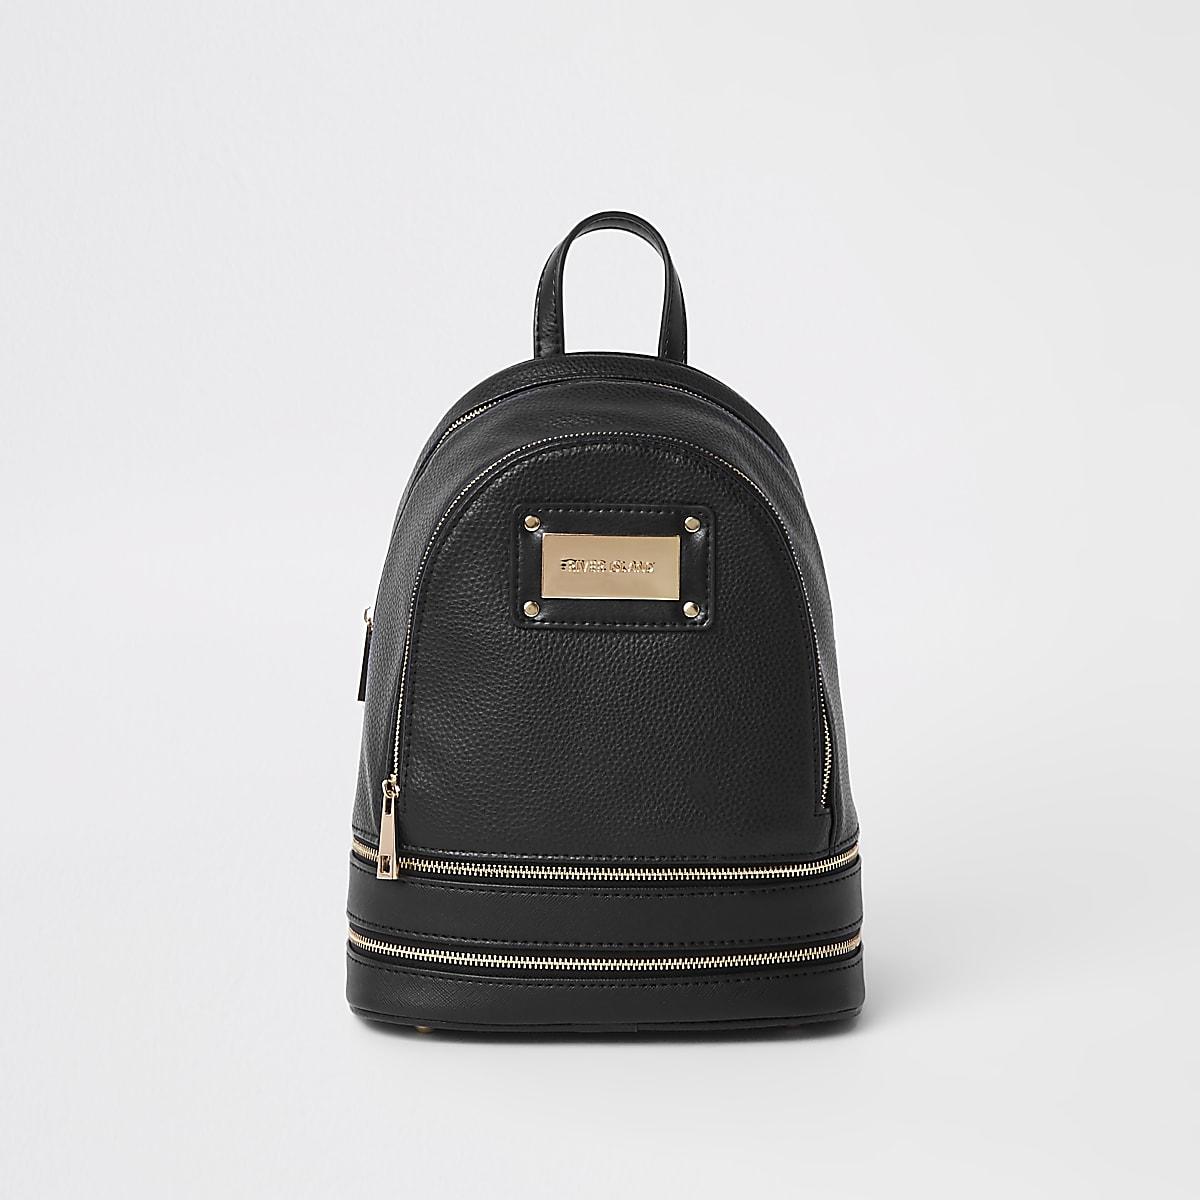 Zwarte mini-rugzak